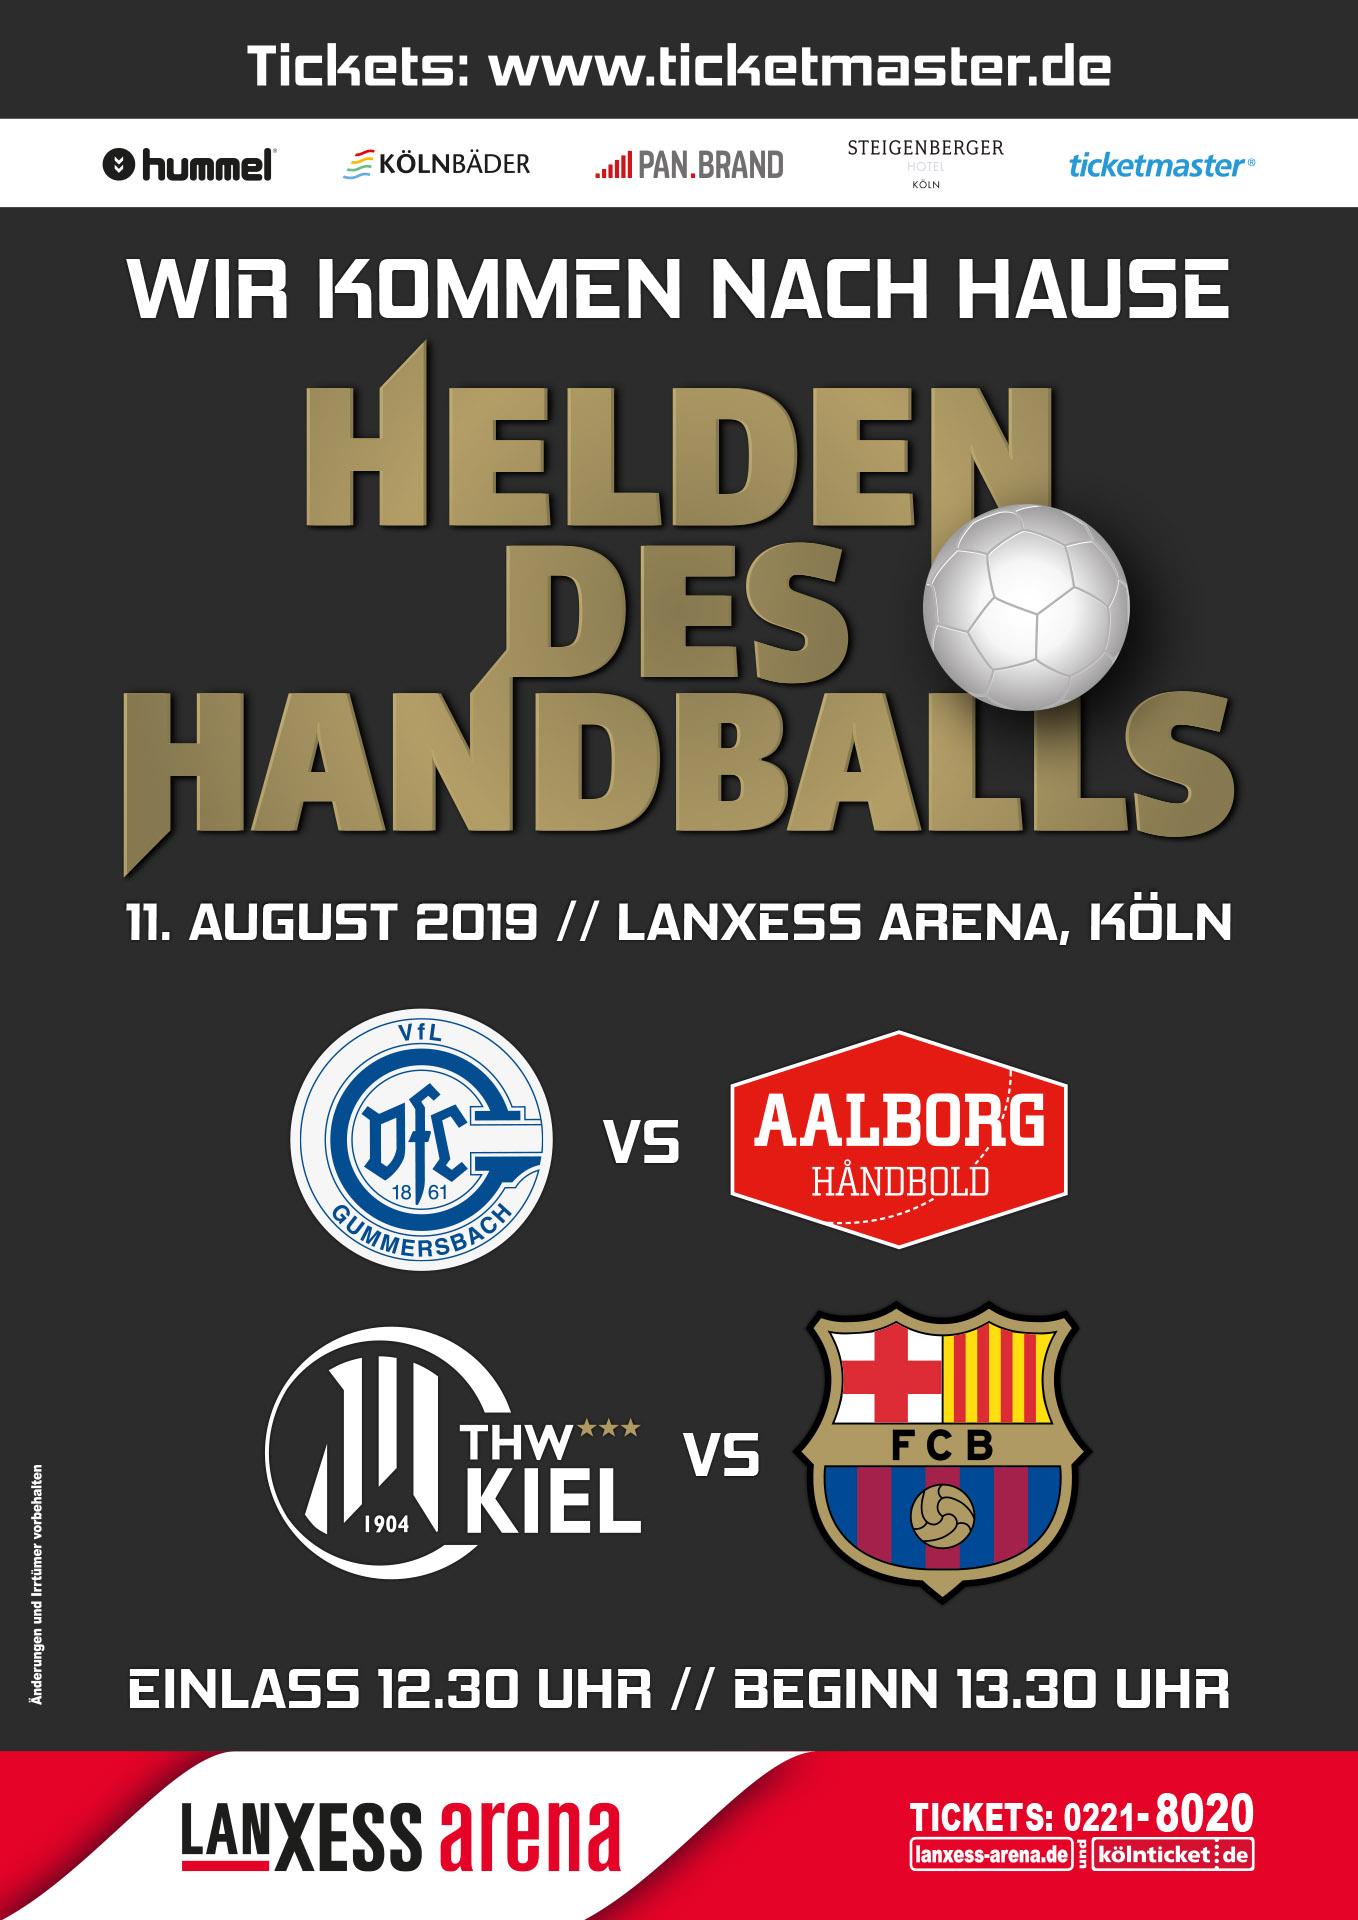 THW Kiel vs FC Barcelona